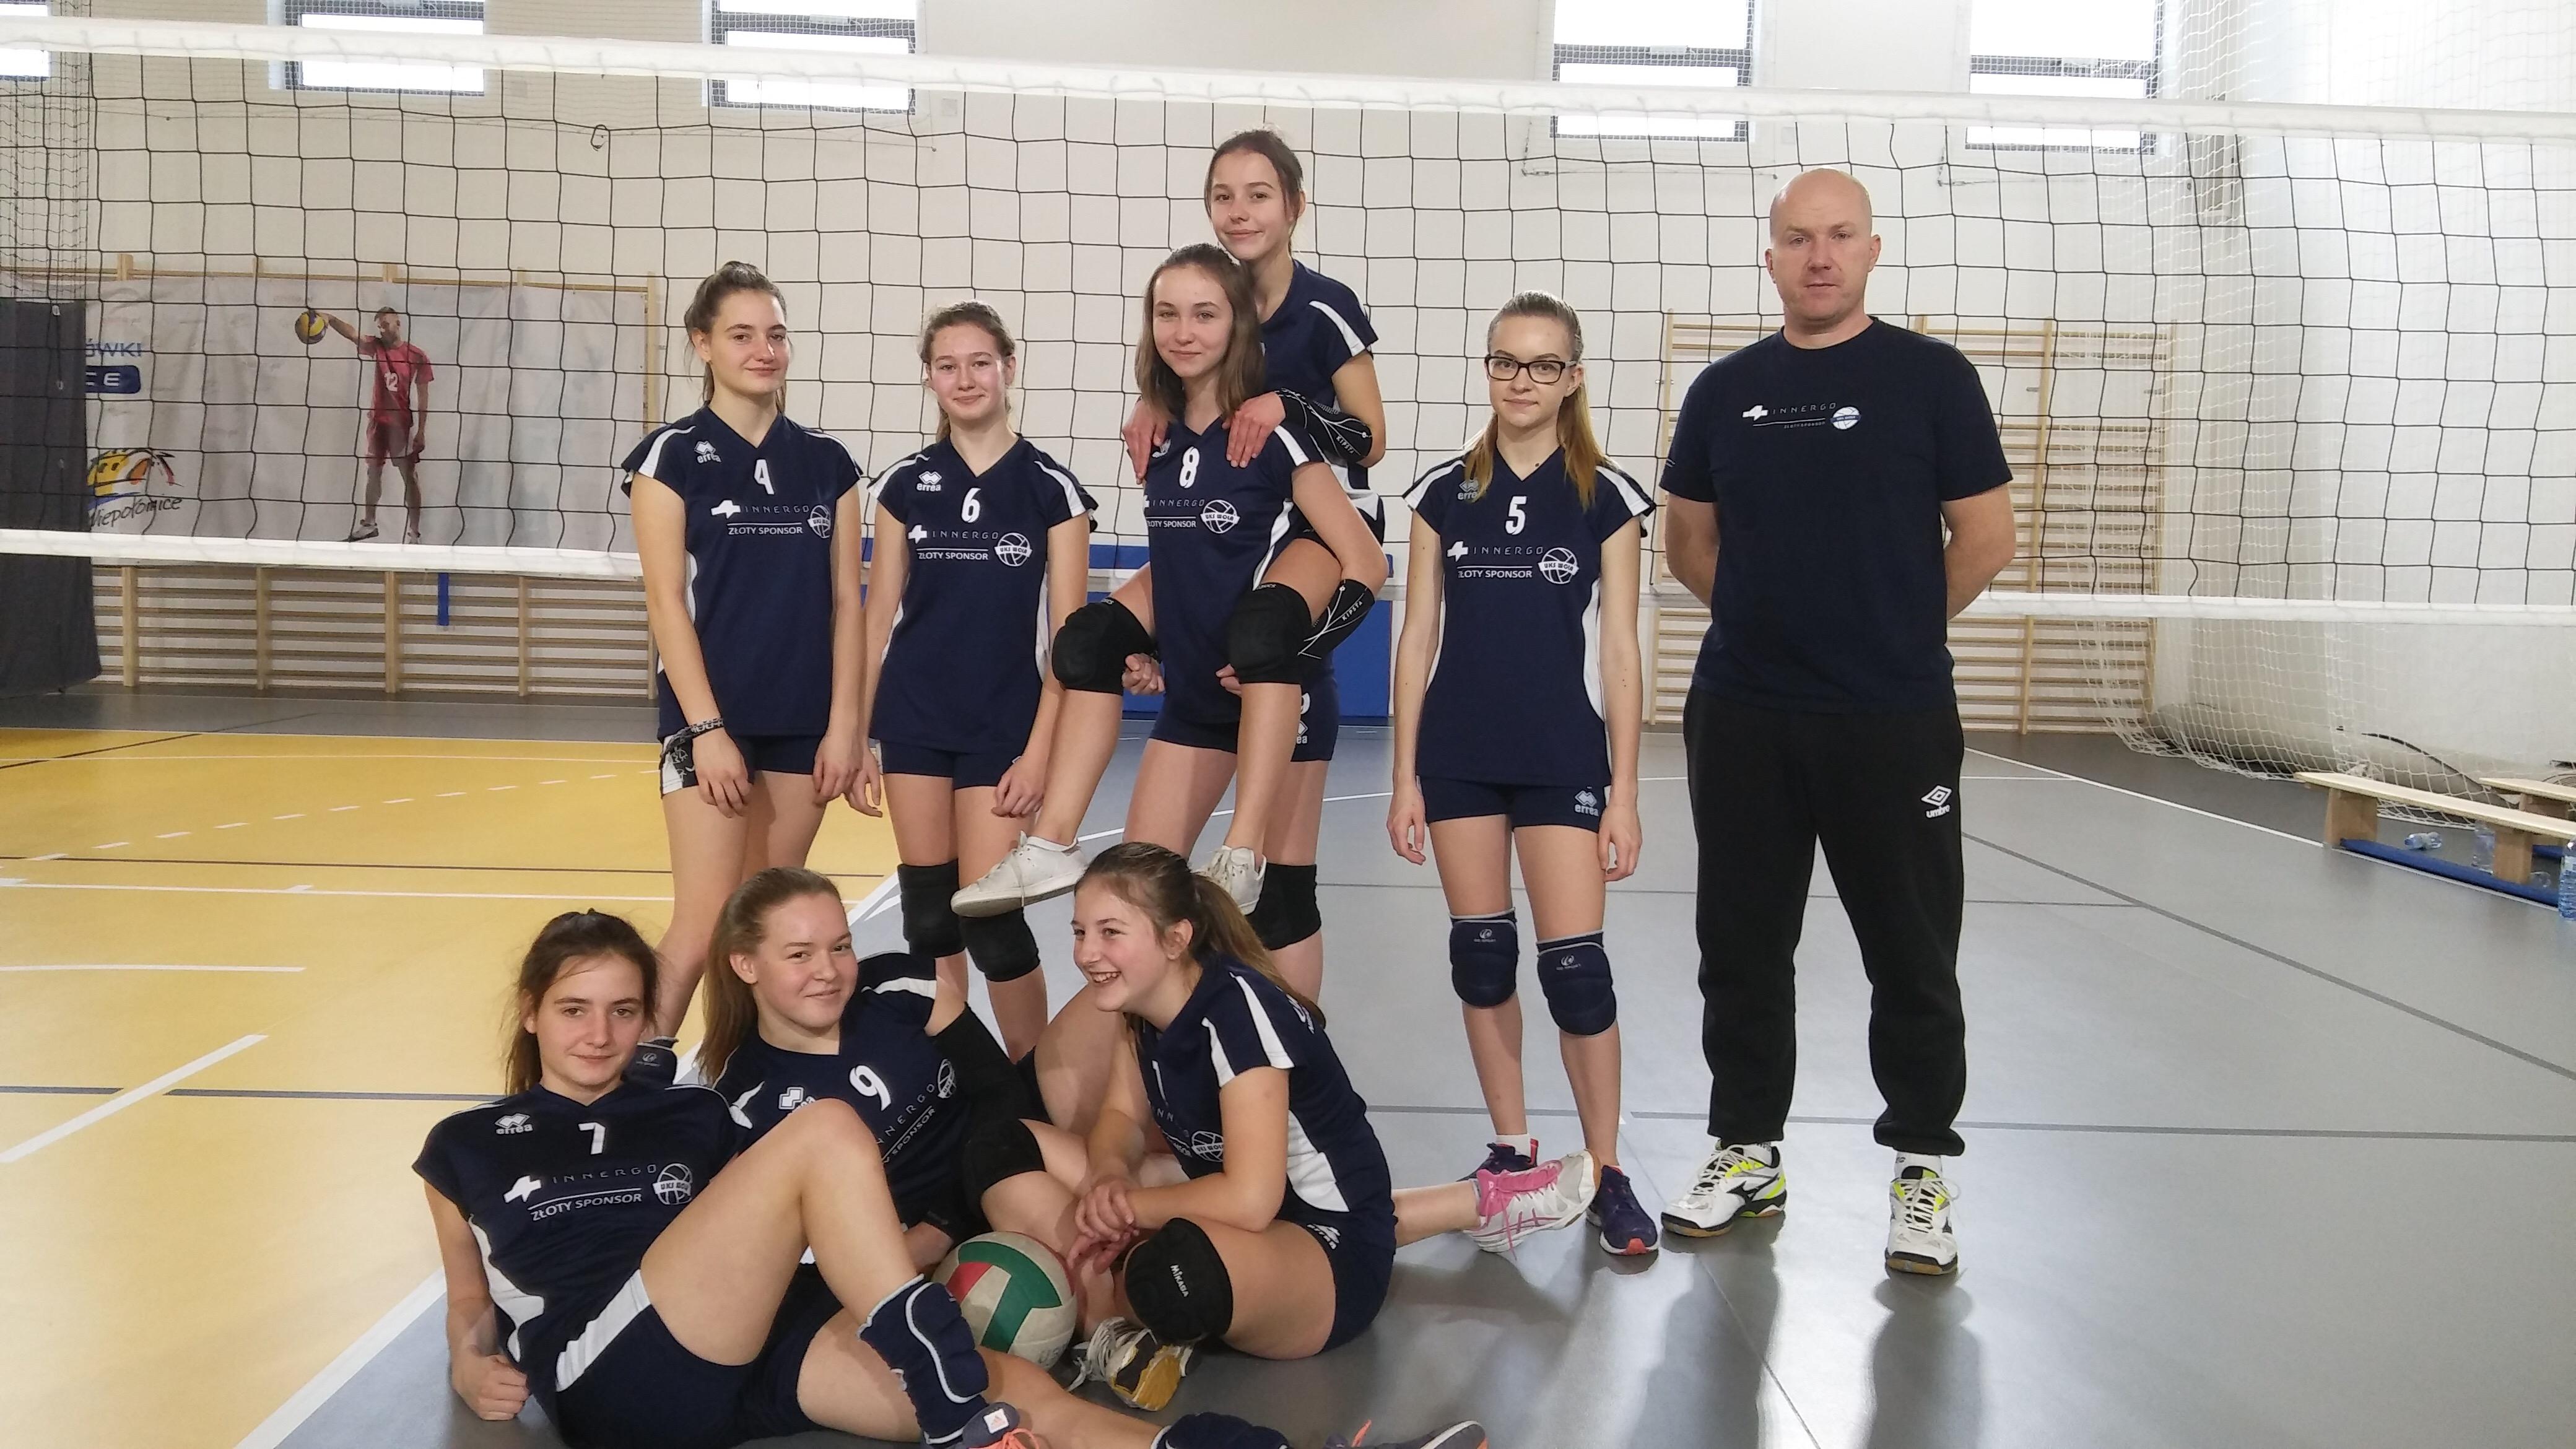 Byliśmy organizatorami równocześnie II Turnieju Ligowego Młodziczek i Młodzików